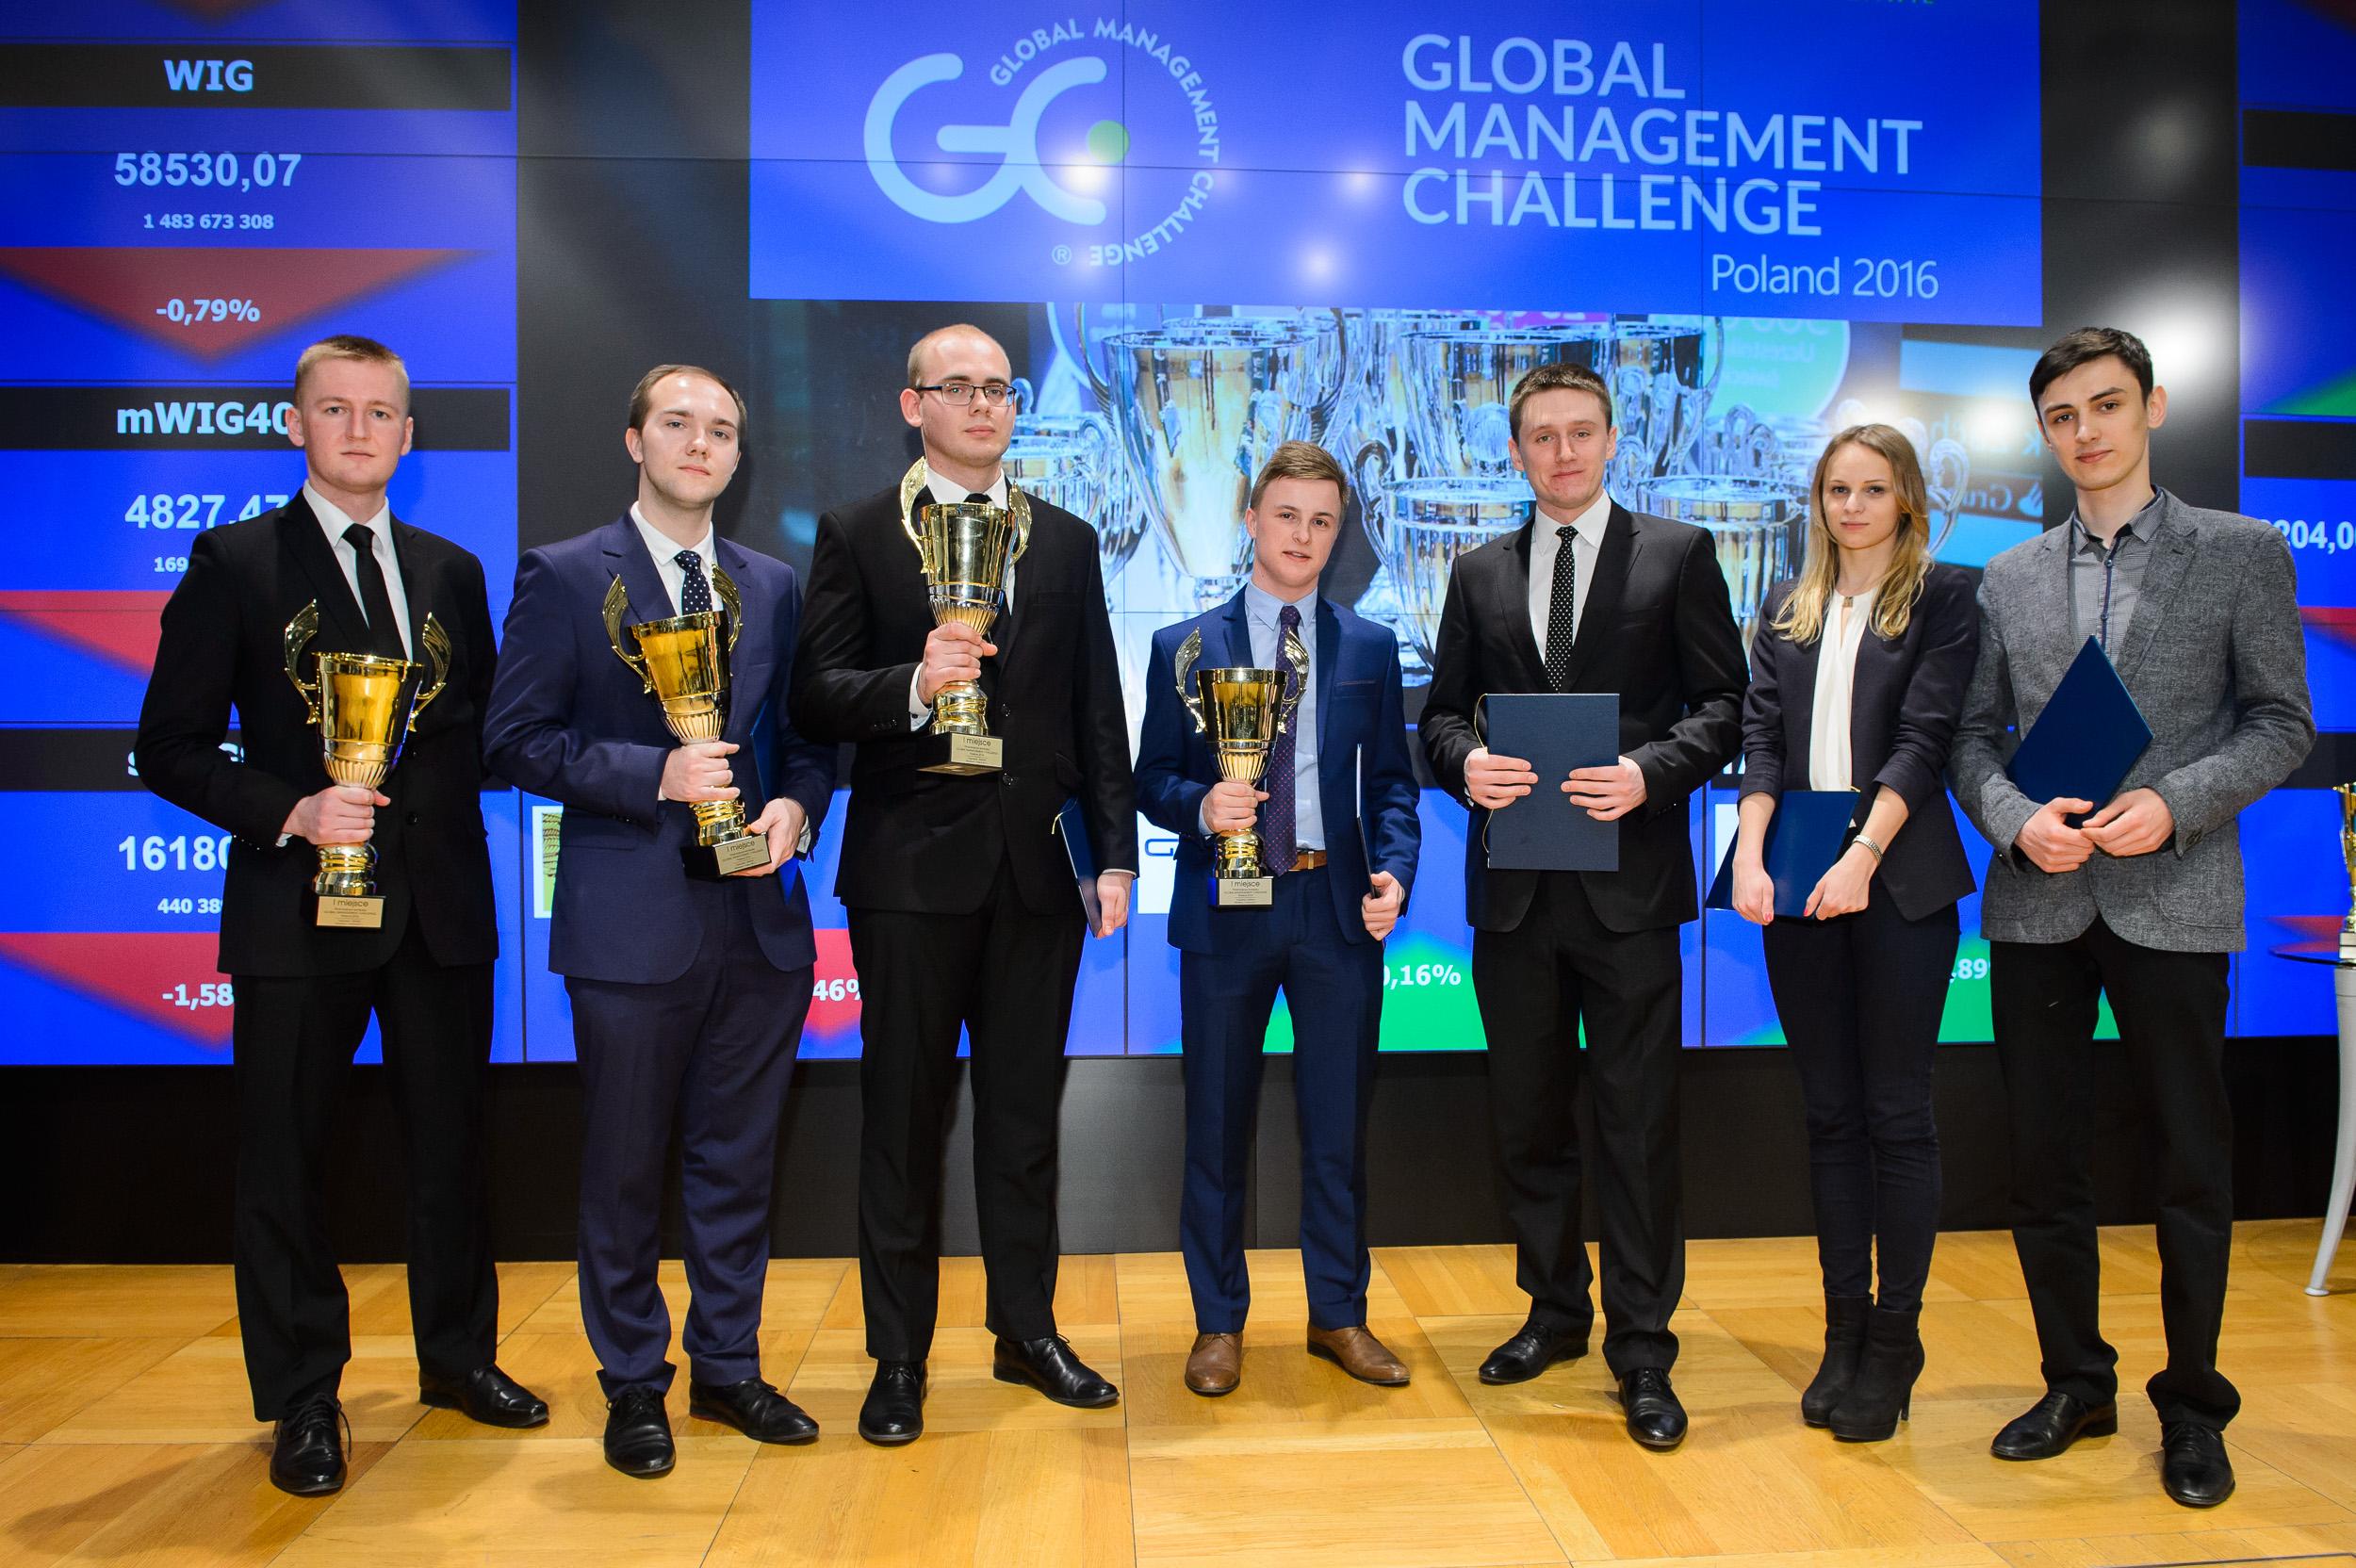 Znamy finalistów konkursu GMC Poland 2017 - 2018!